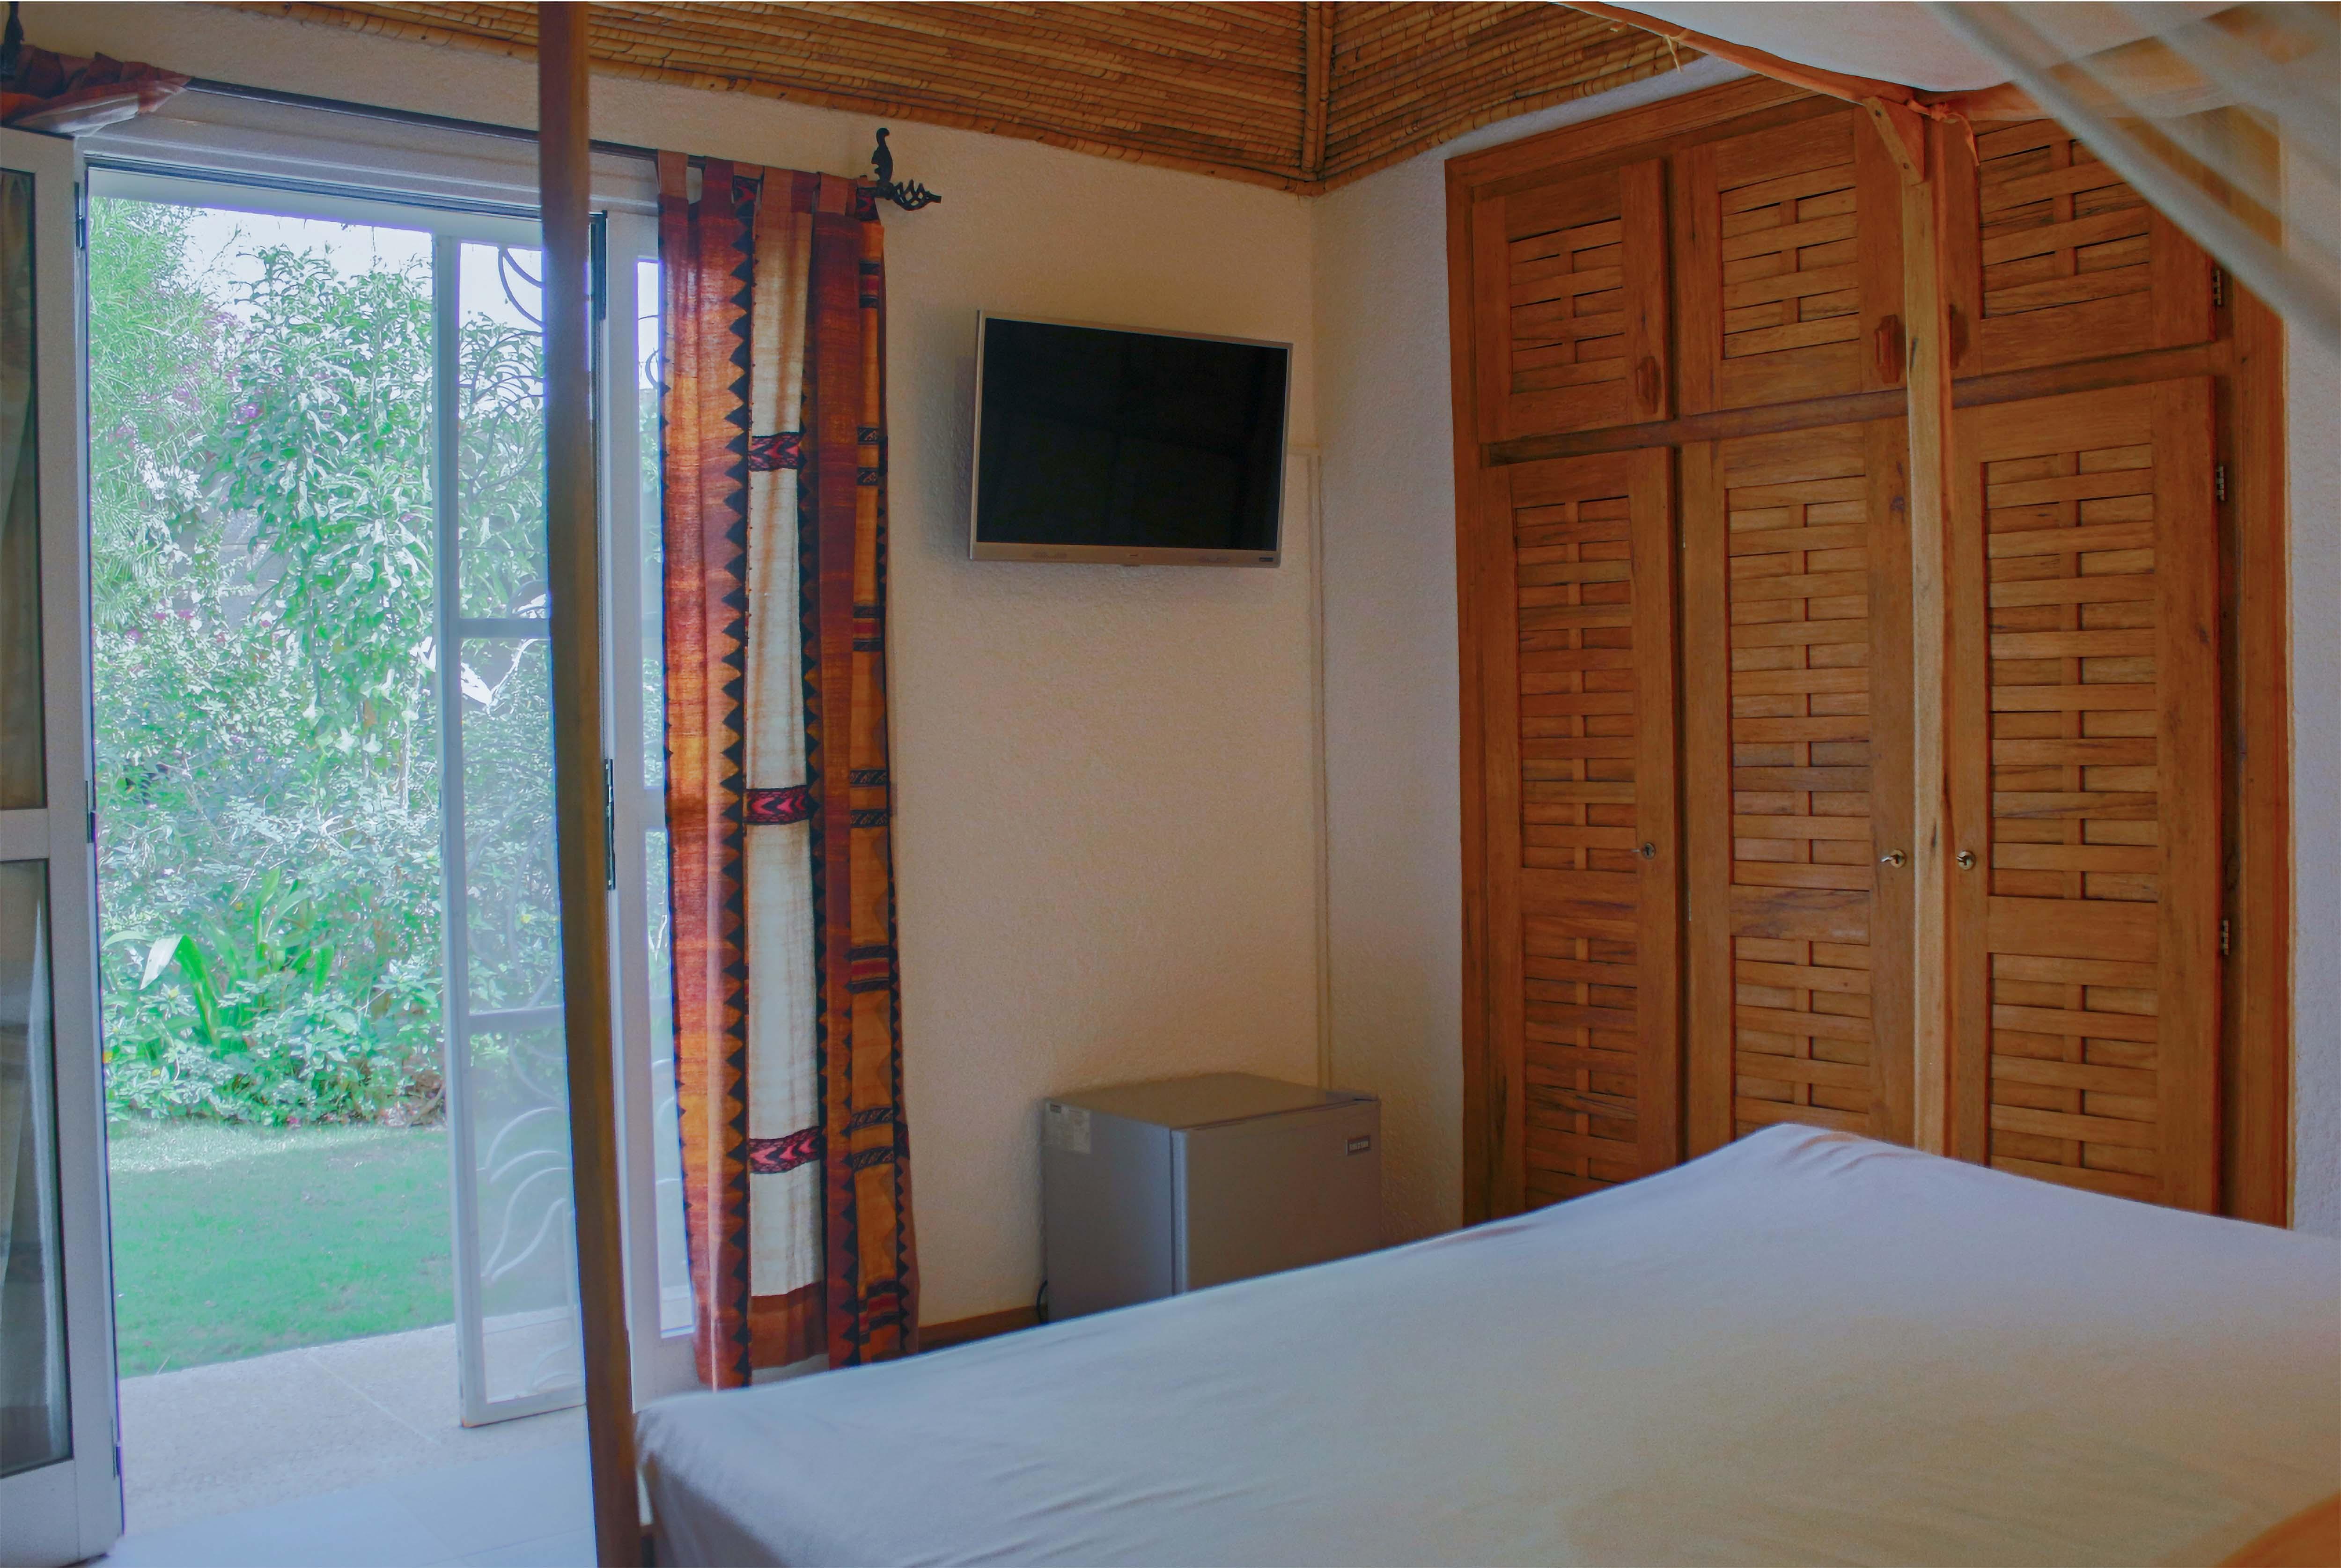 Villa saly - chambre bien équipée avec accès sur le jardin